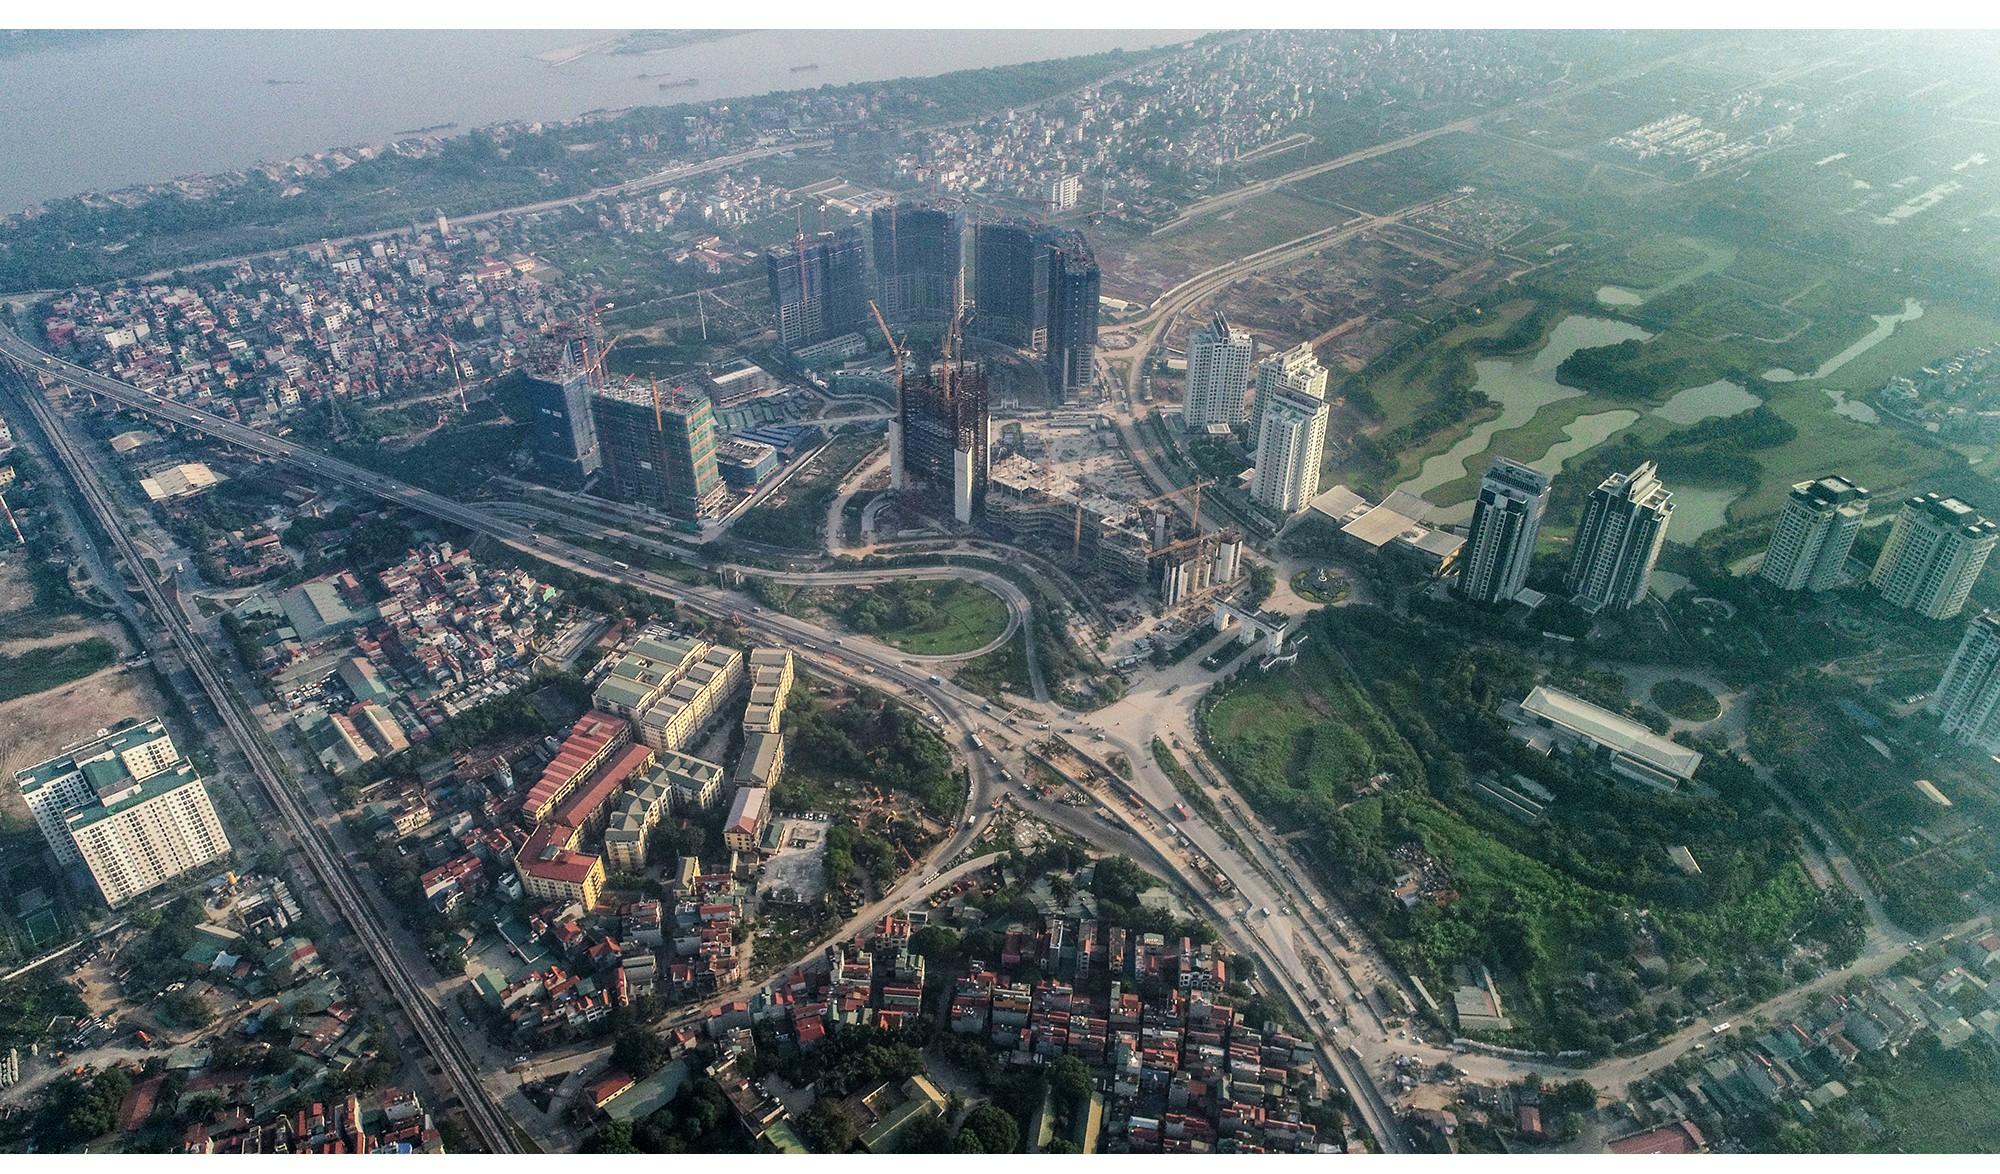 Toàn cảnh tuyến đường 8.500 tỷ đồng đang tác động mạnh mẽ lên thị trường bất động sản phía Bắc thủ đô - Ảnh 15.